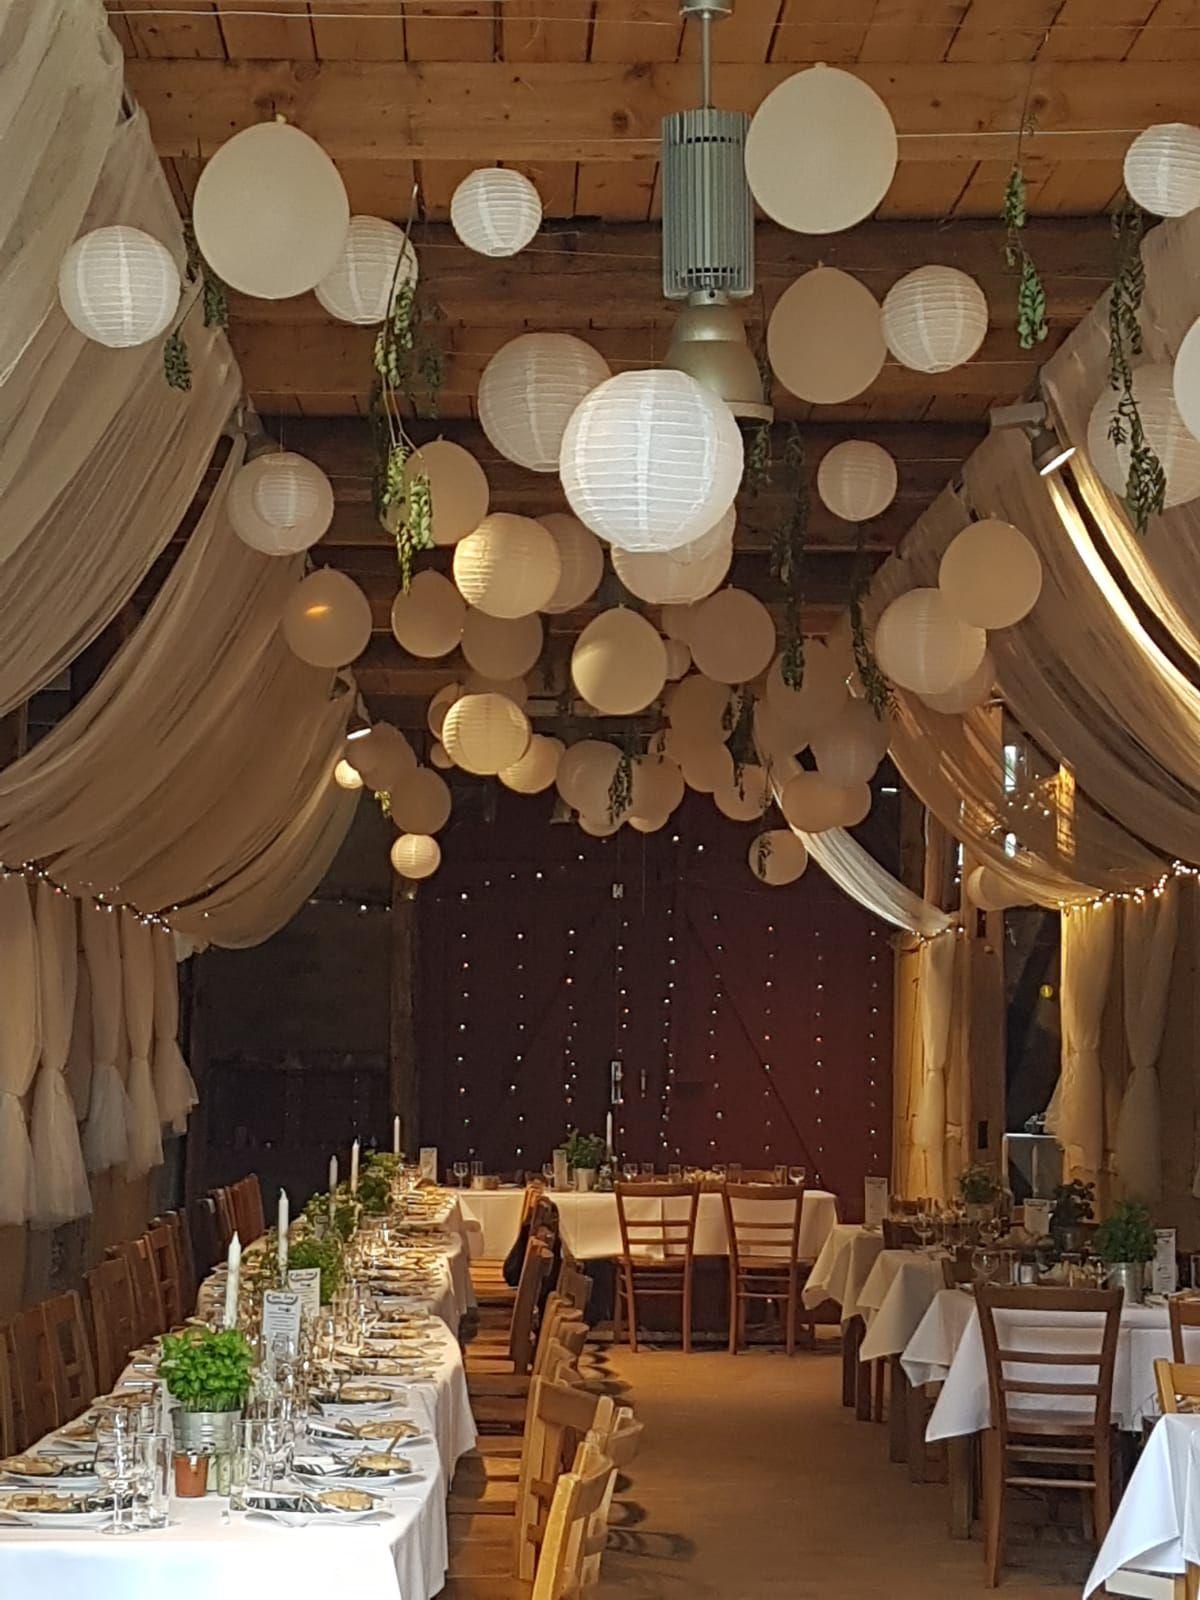 Wedding Decoration Hochzeit Lampions In Einer Scheune Wedding Love Decoration Hochzeit Lampion Landhochzeit Dekoration Scheunen Hochzeit Lampion Hochzeit